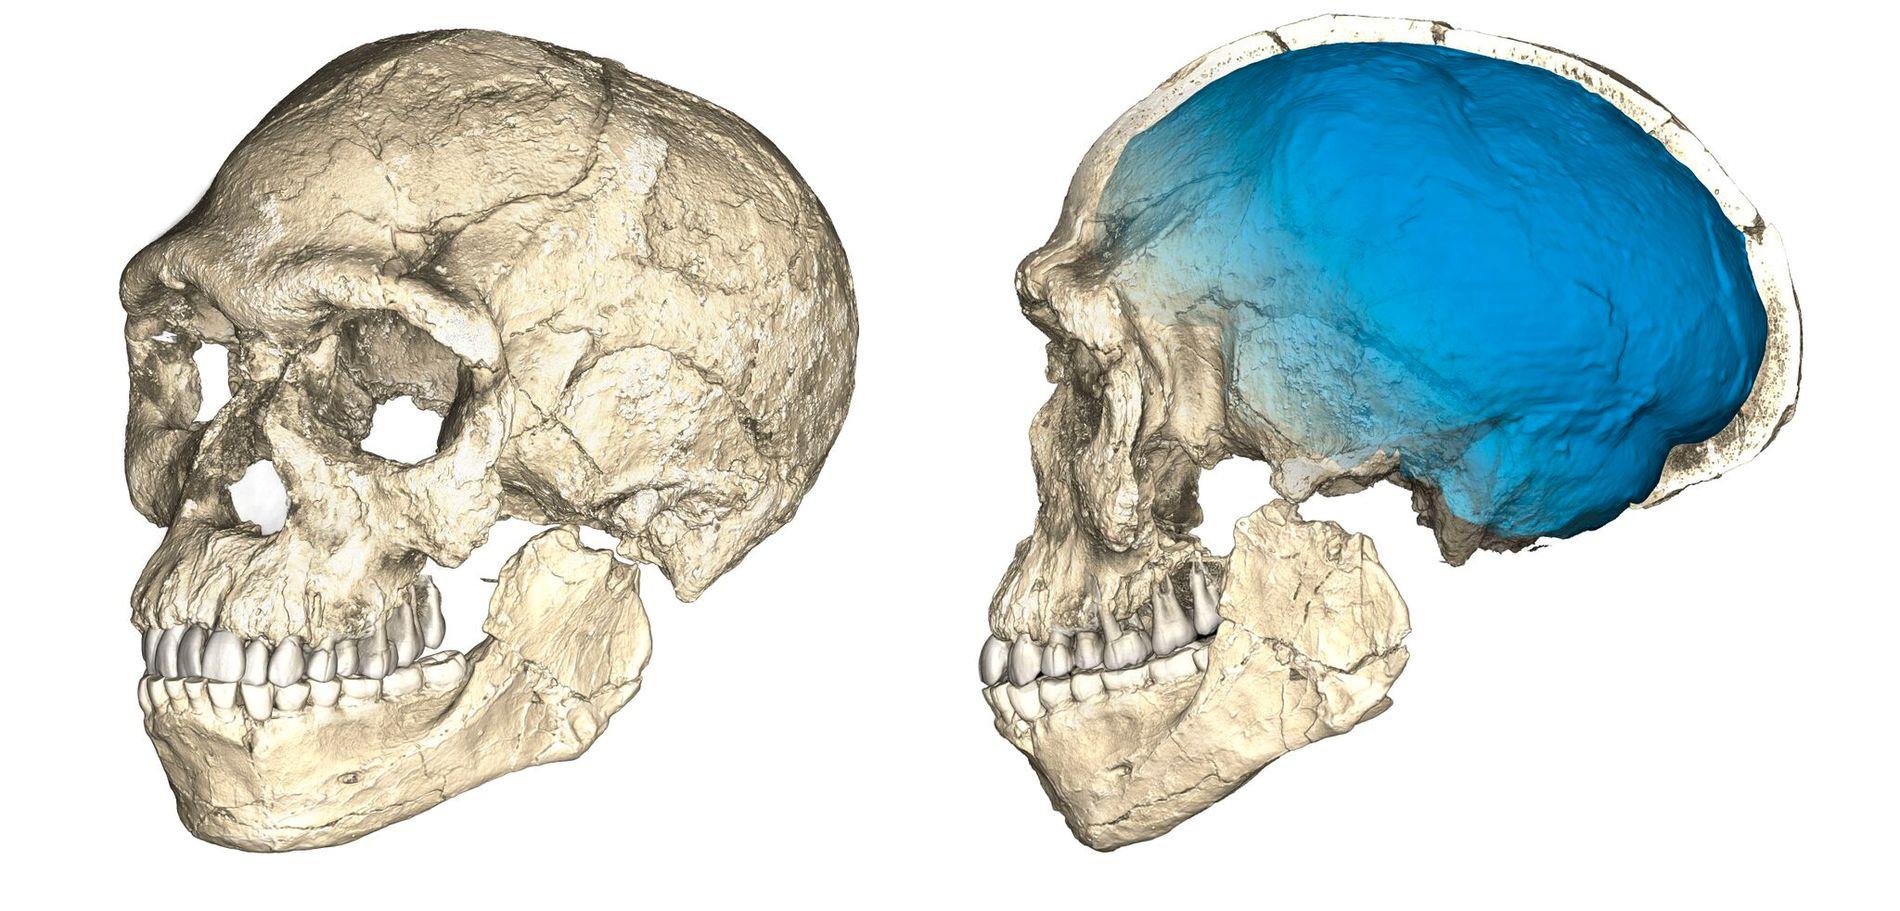 REKONSTRUKSJON: 300.000 år gamle fossiler som har blitt funnet i Marokko og satt sammen viser at Homo sapiens levde også da.